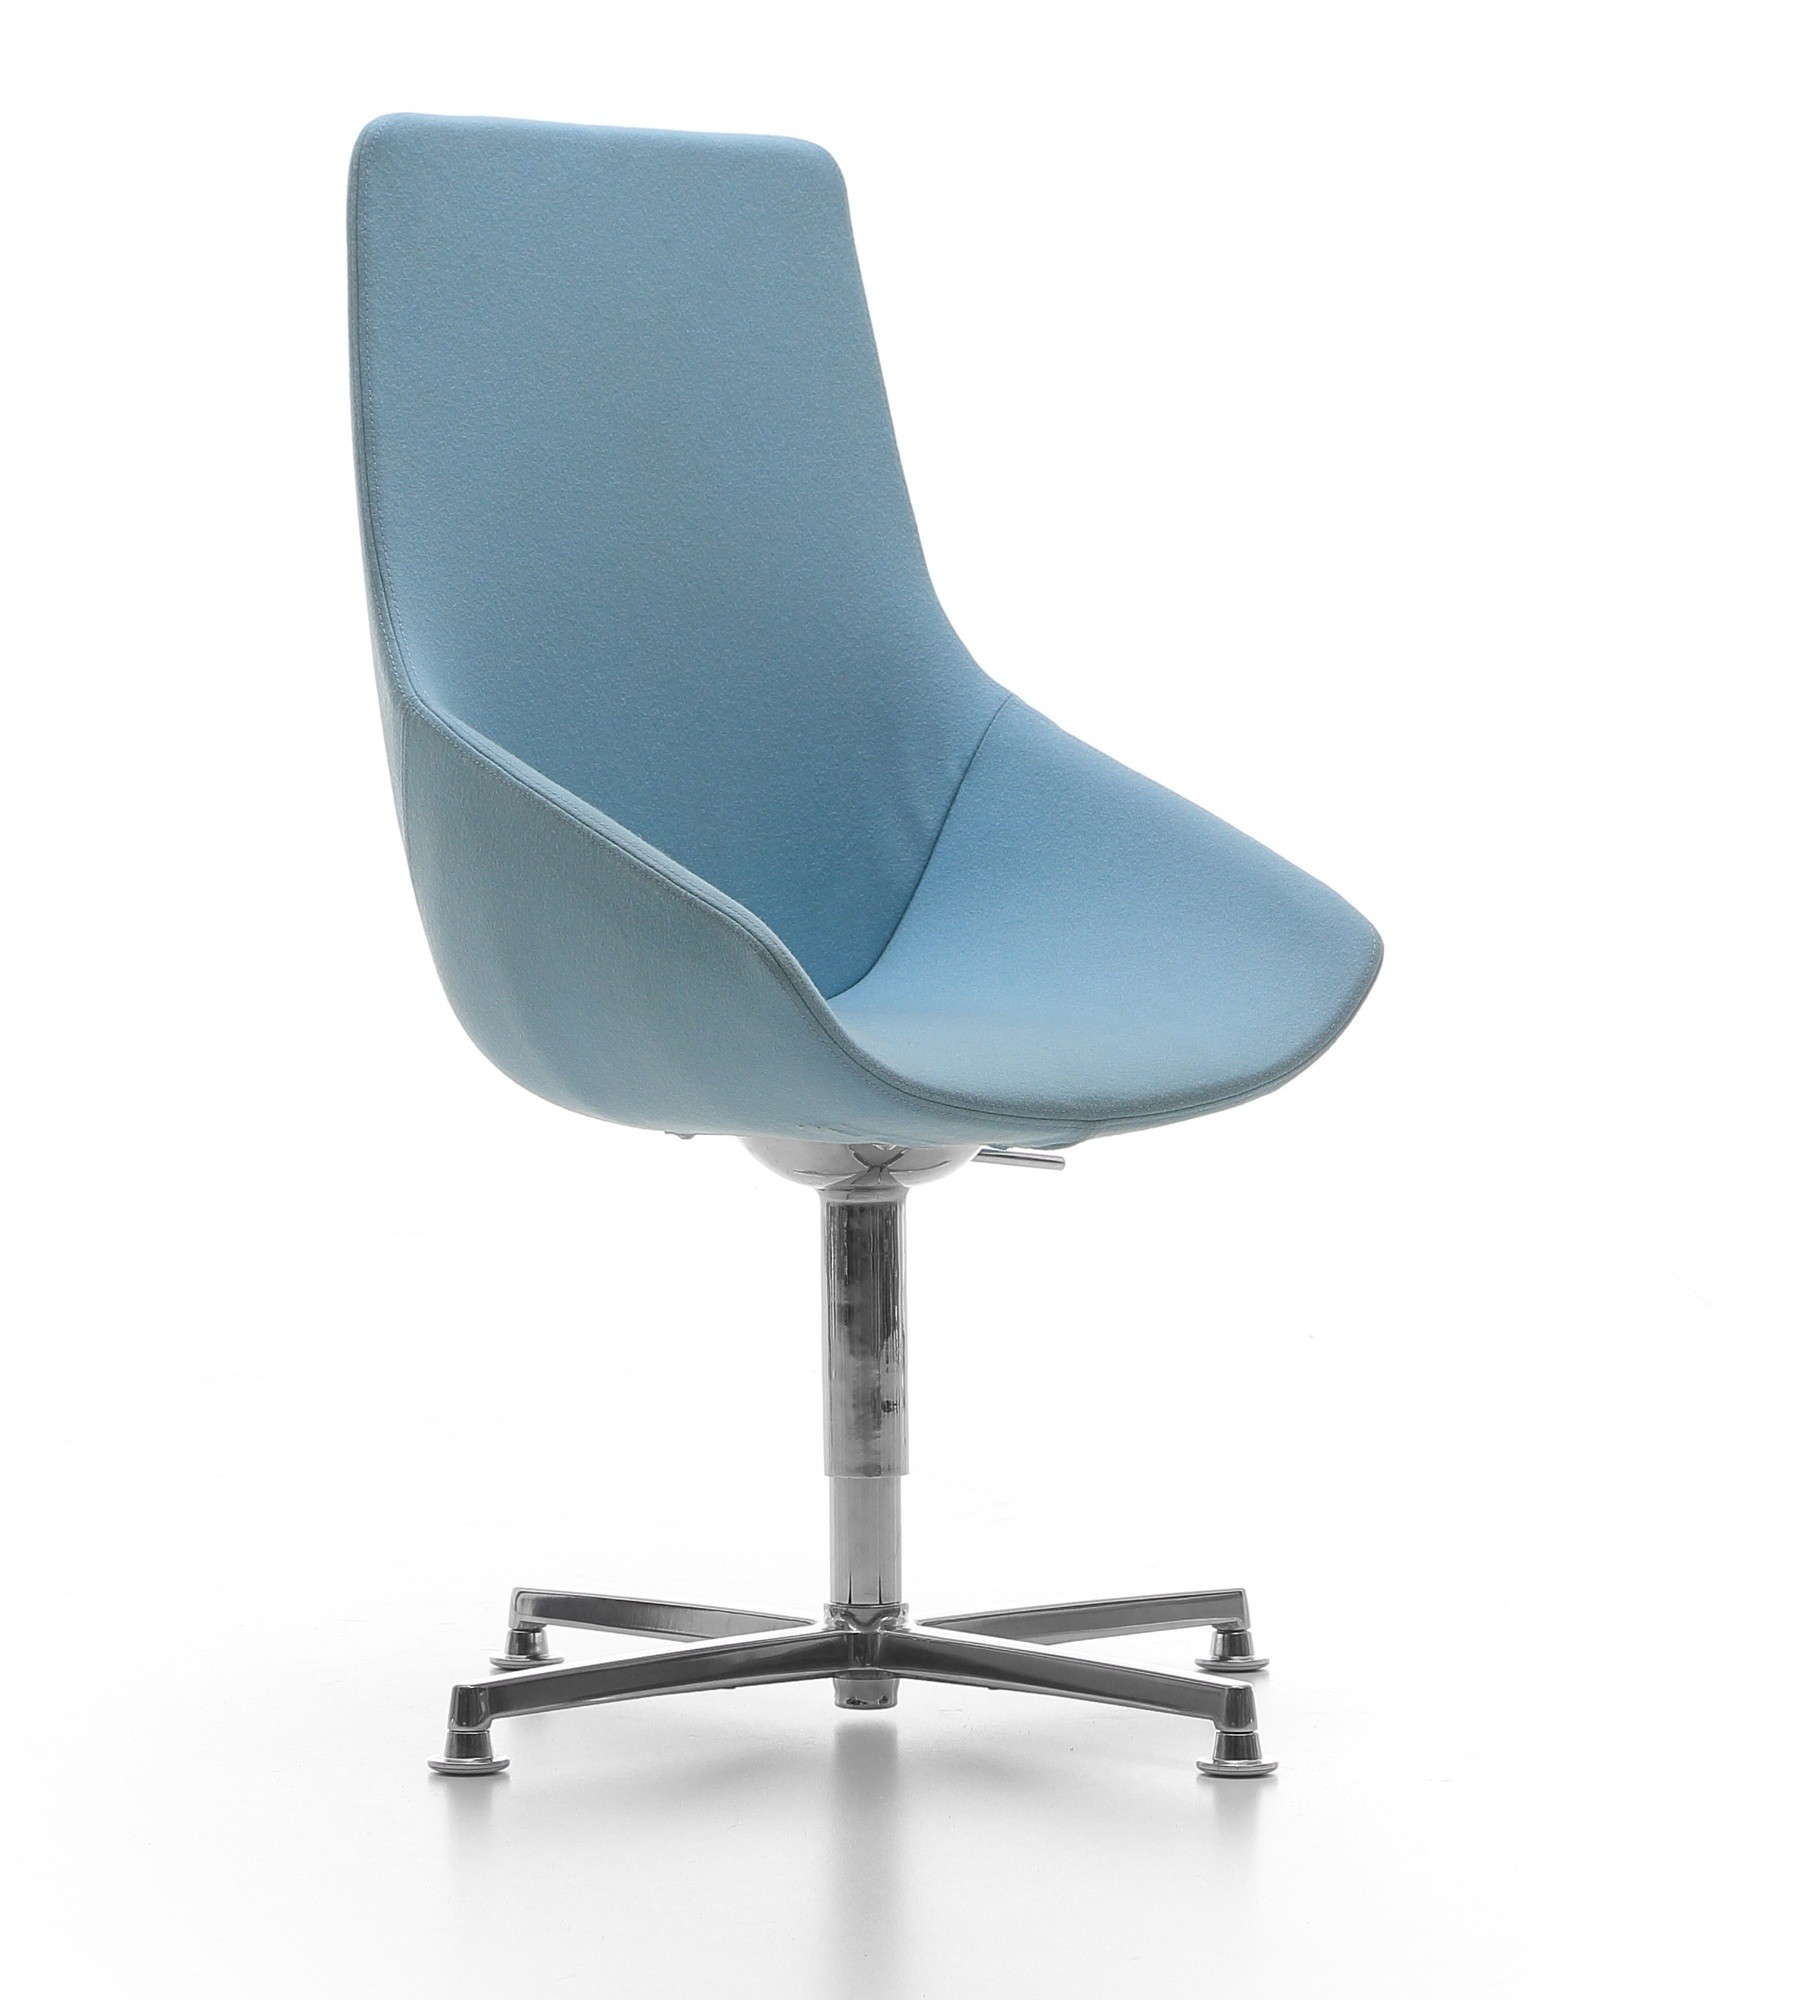 Cello | comfortabele stoel met draaibare kruisvoet en wielen